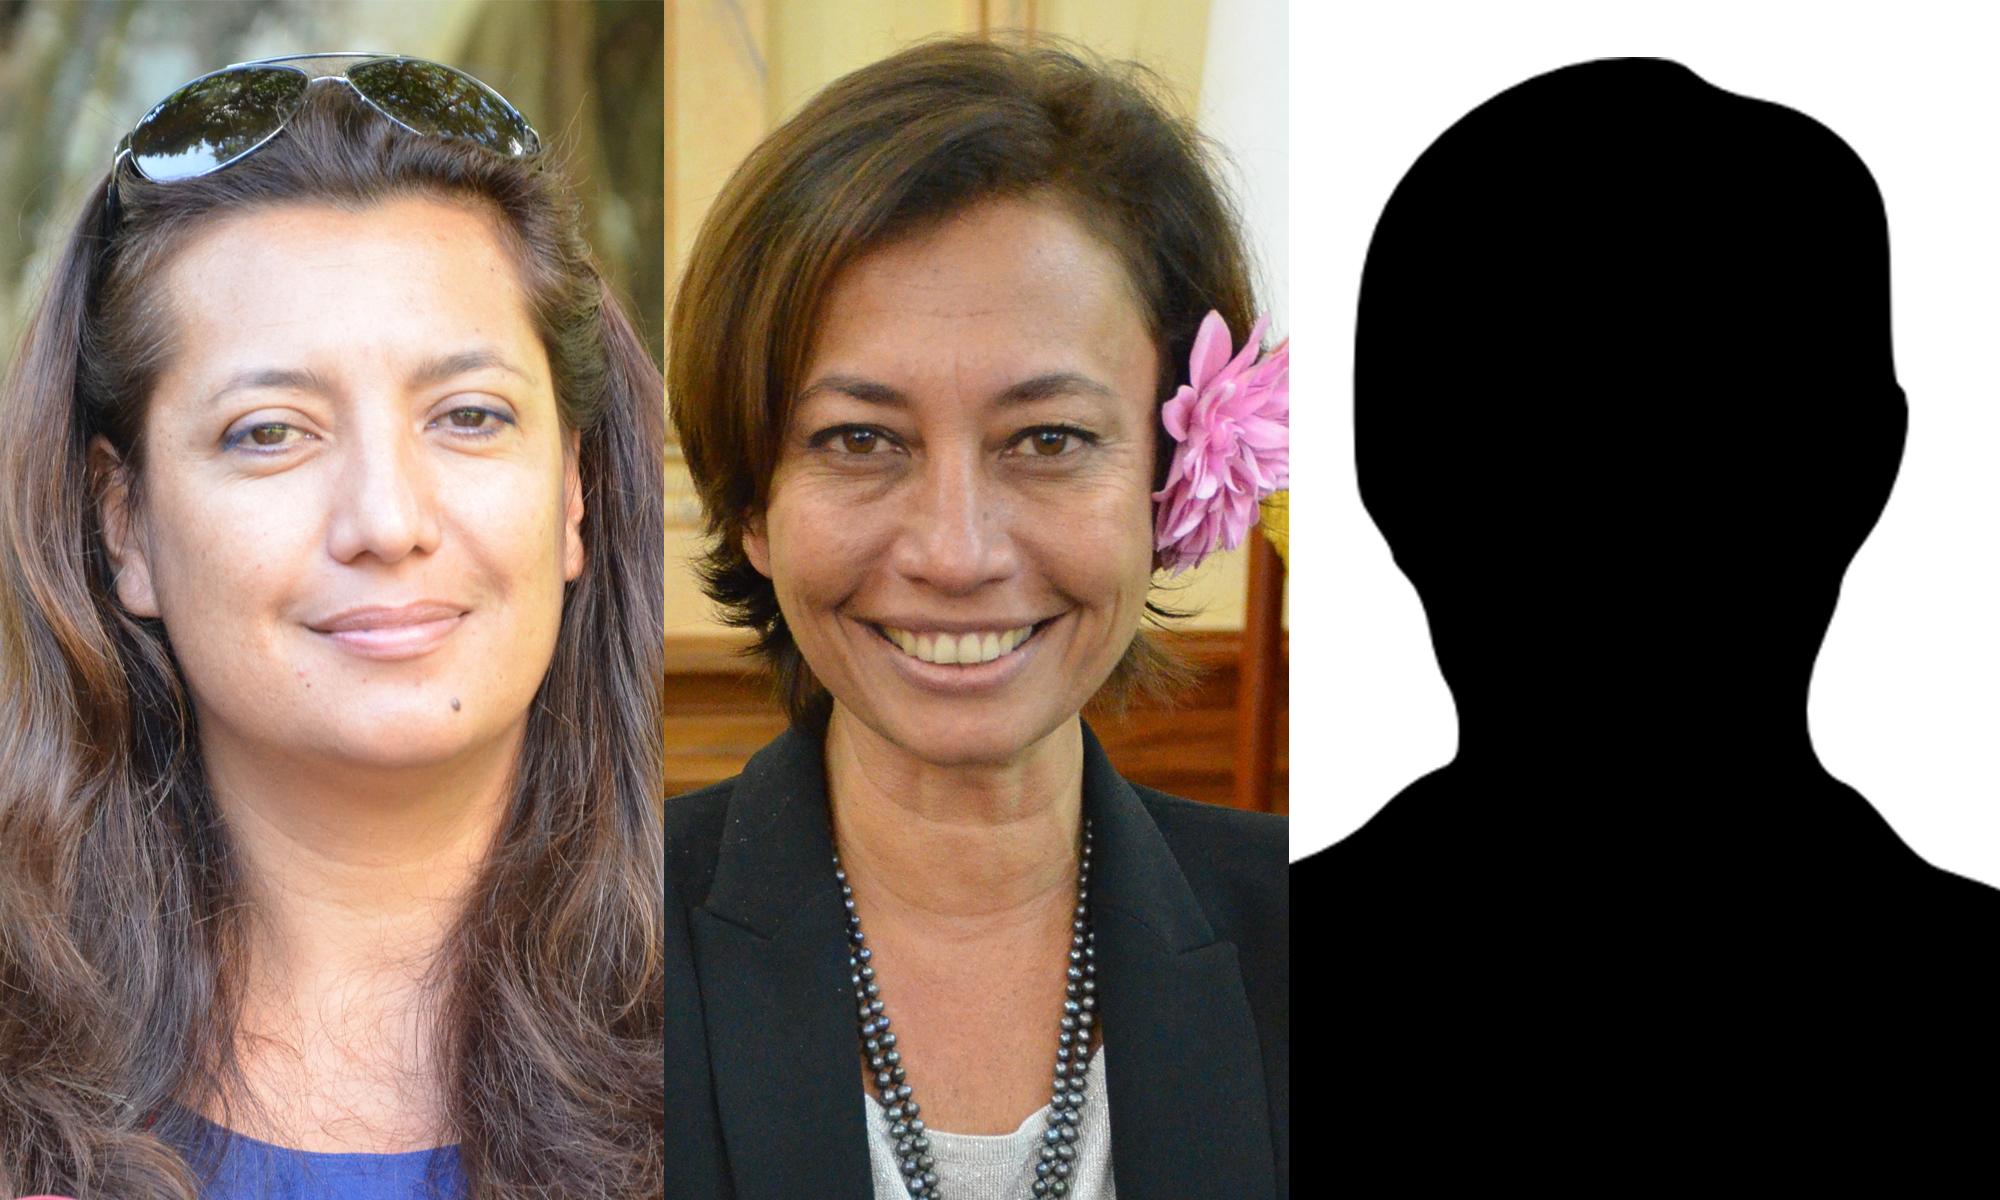 L'investiture ne sera donnée que vers mi-octobre par le Tapura Huiraatira, aux trois candidats qui se présenteront sous les couleurs du parti aux prochaines législatives. Le mystère demeure toujours sur la 3e circonscription.